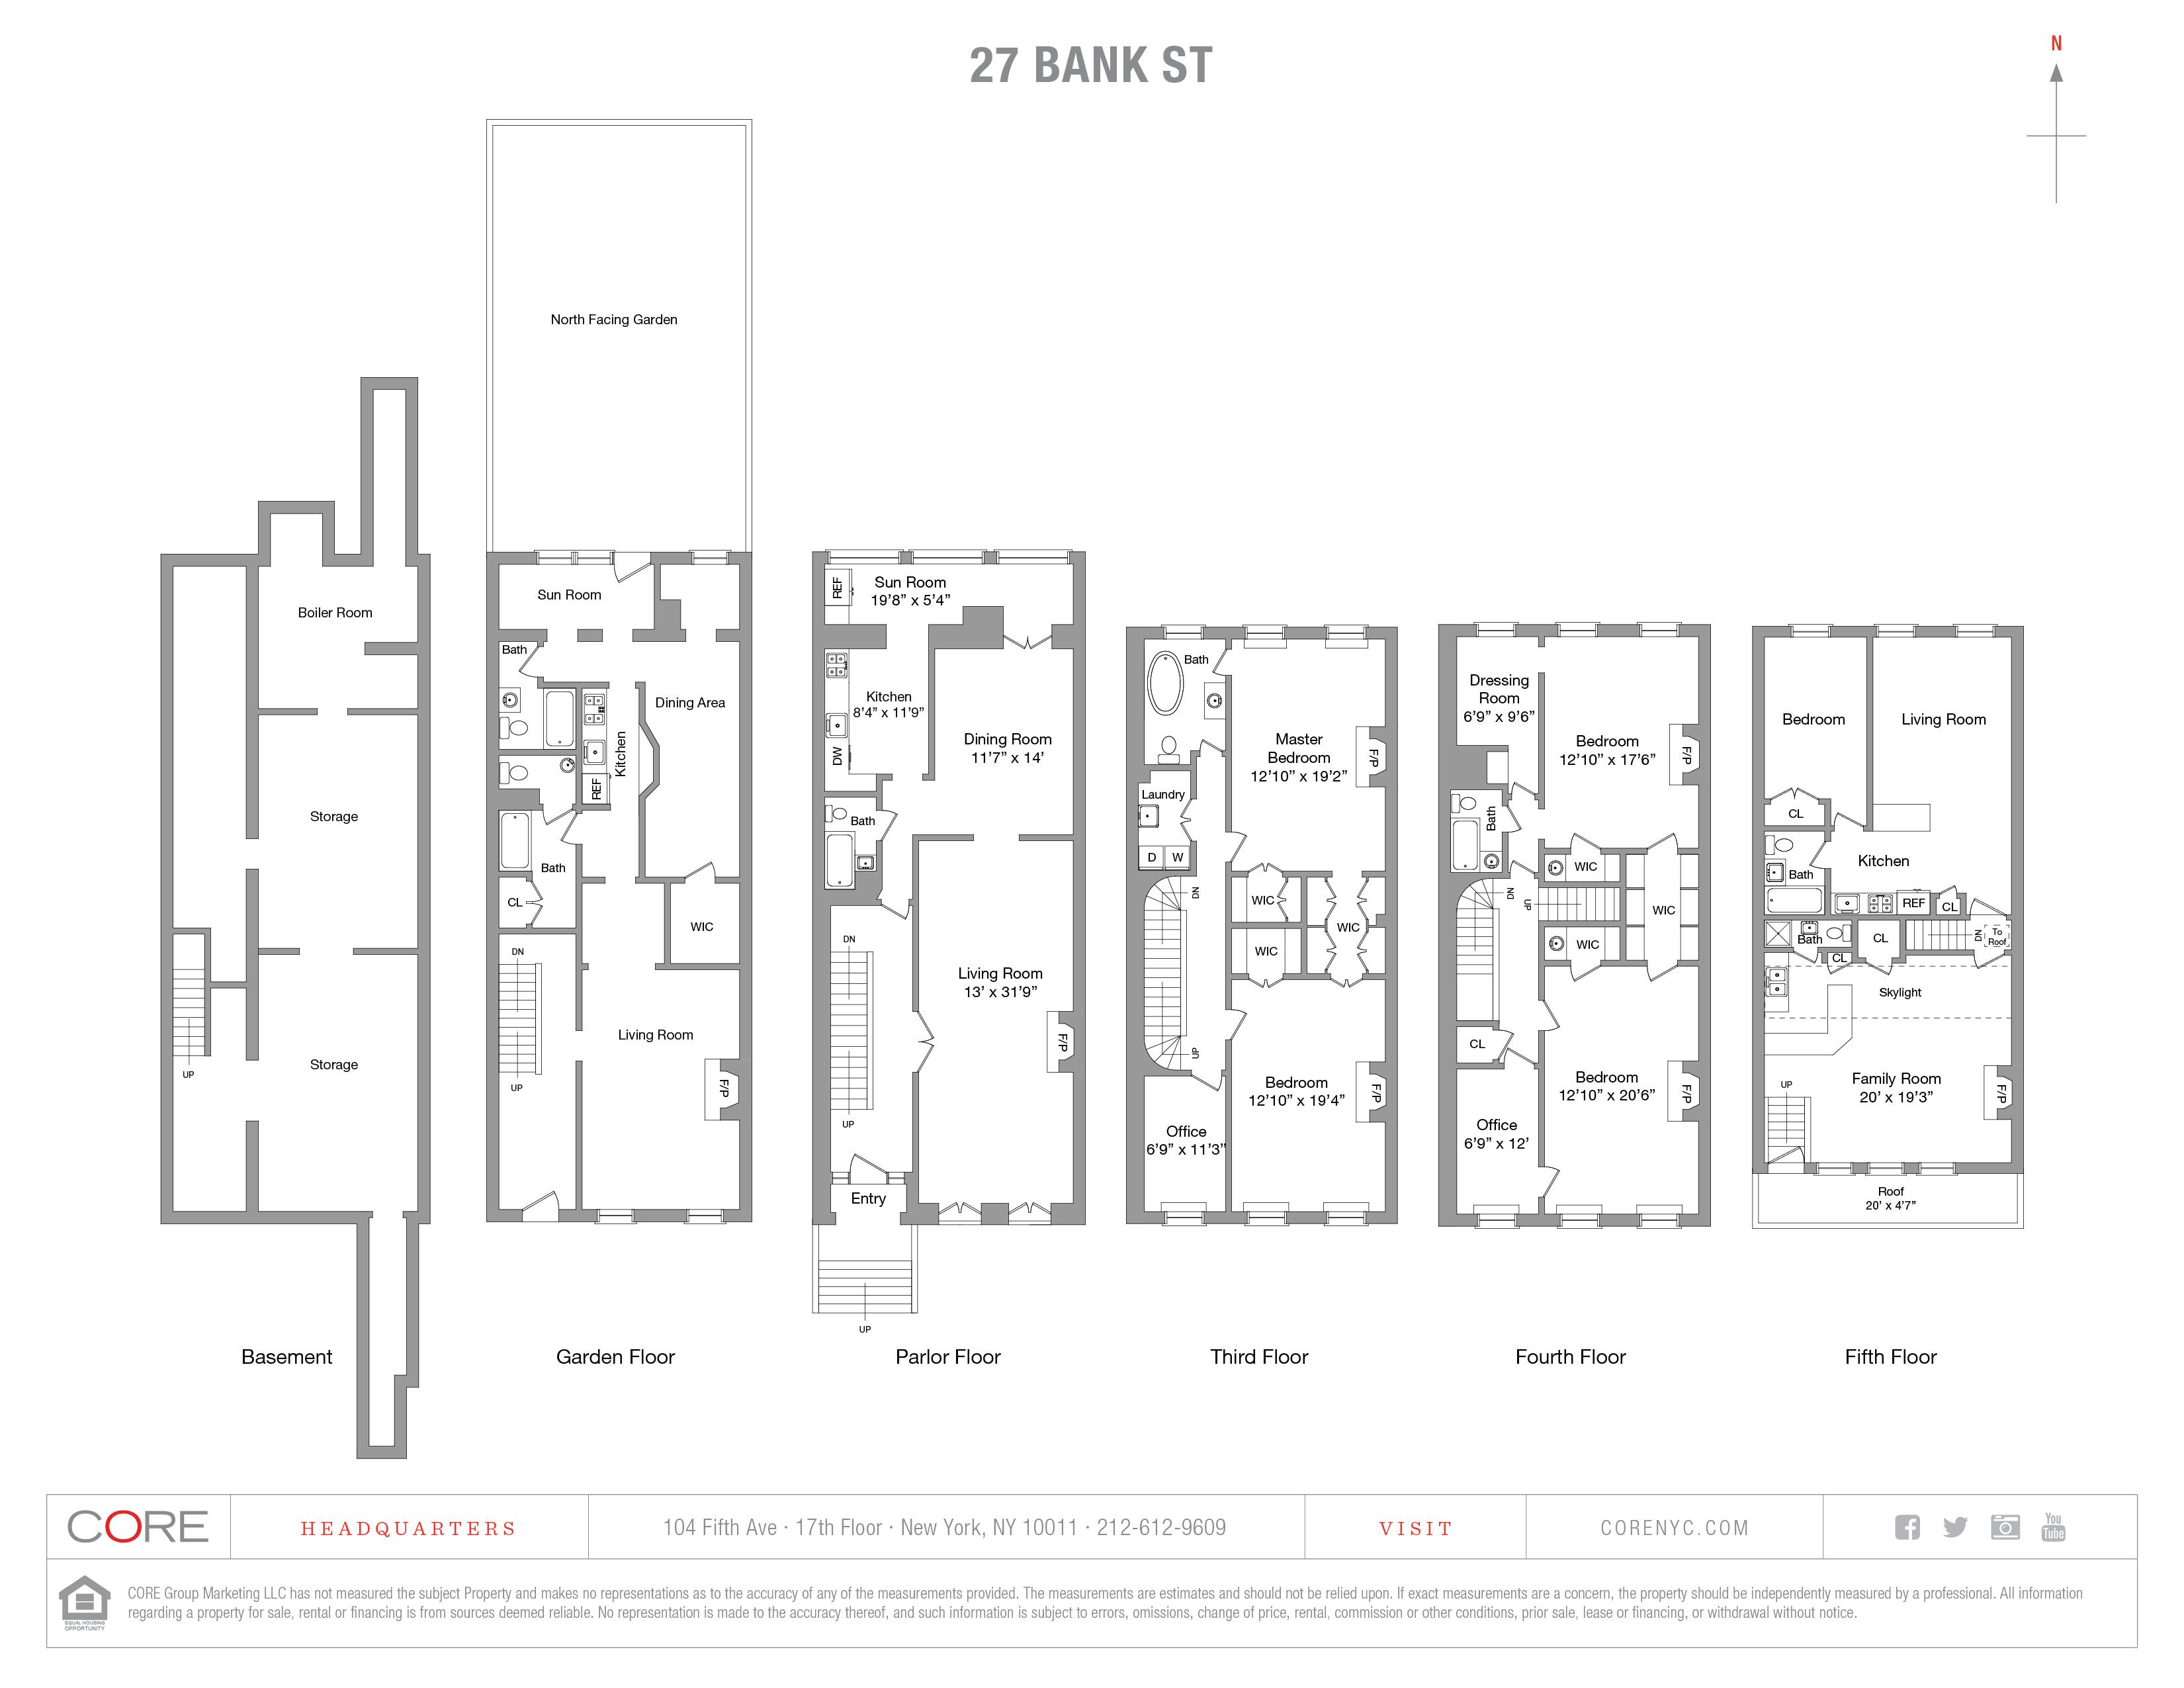 27 Bank St. TOWNHOUSE, New York, NY 10014